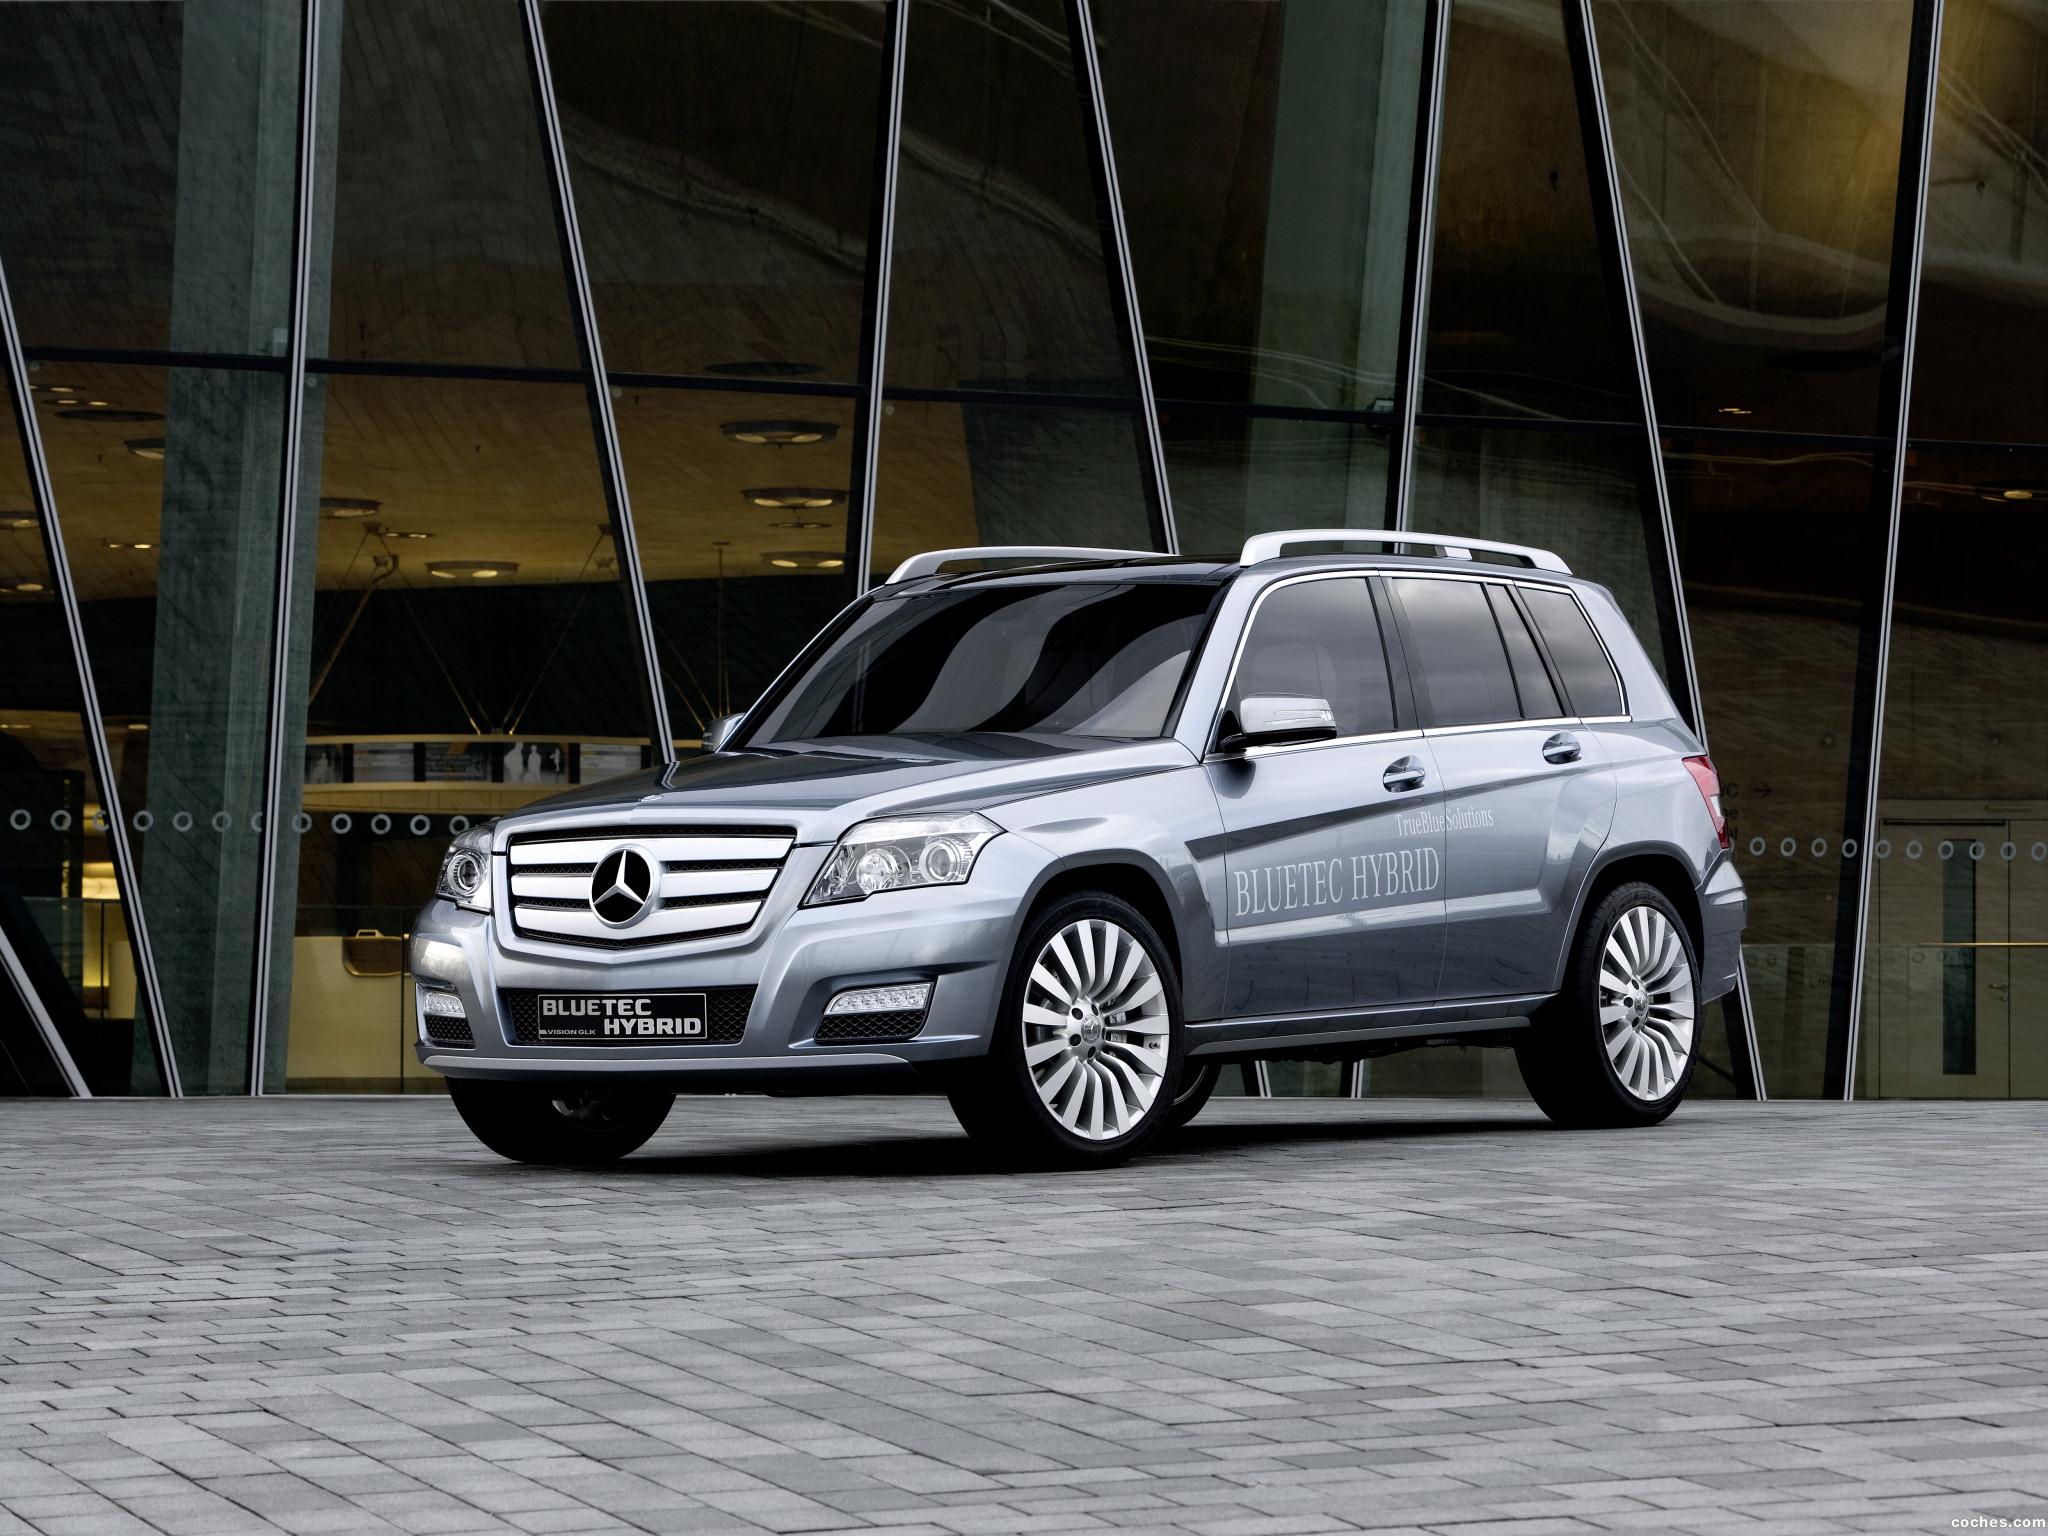 Foto 0 de Mercedes Clase GLK Bluetec Hybrid Concept 2008